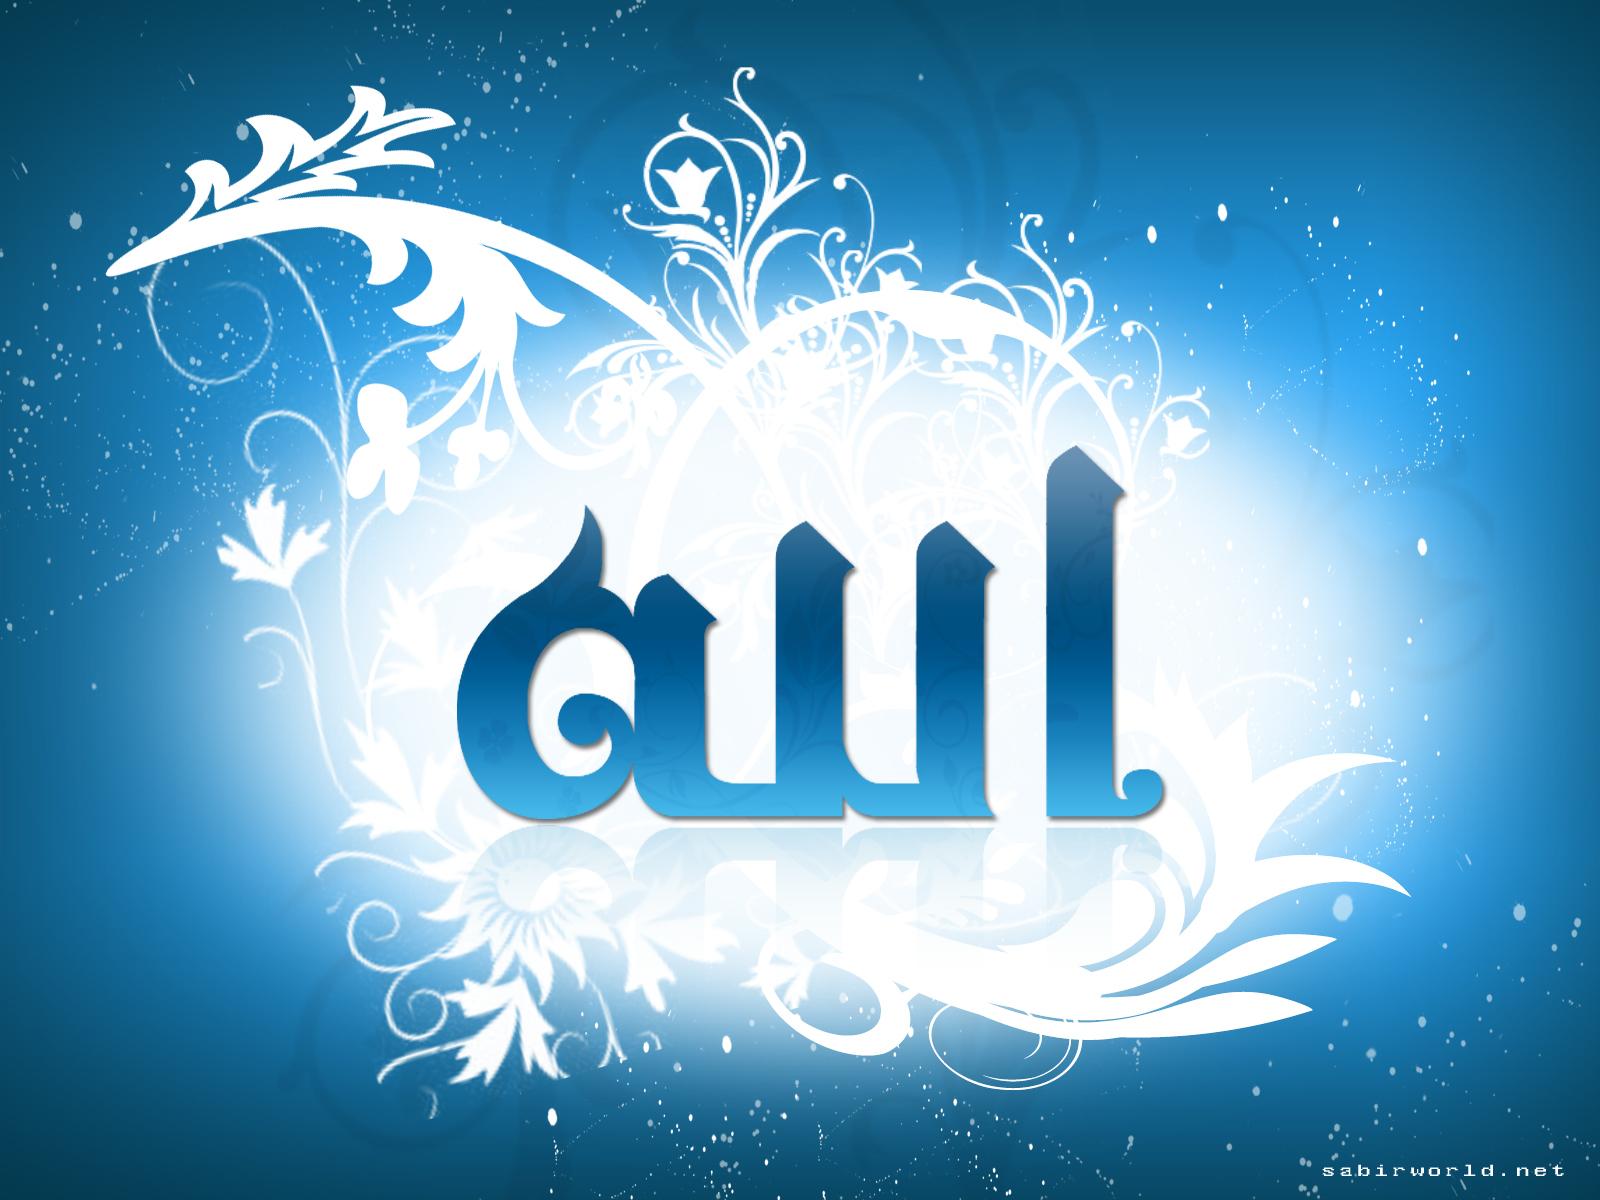 Download Freeware Antivirus Game Wallpaper Fauzi Blog Wallpaper Islami